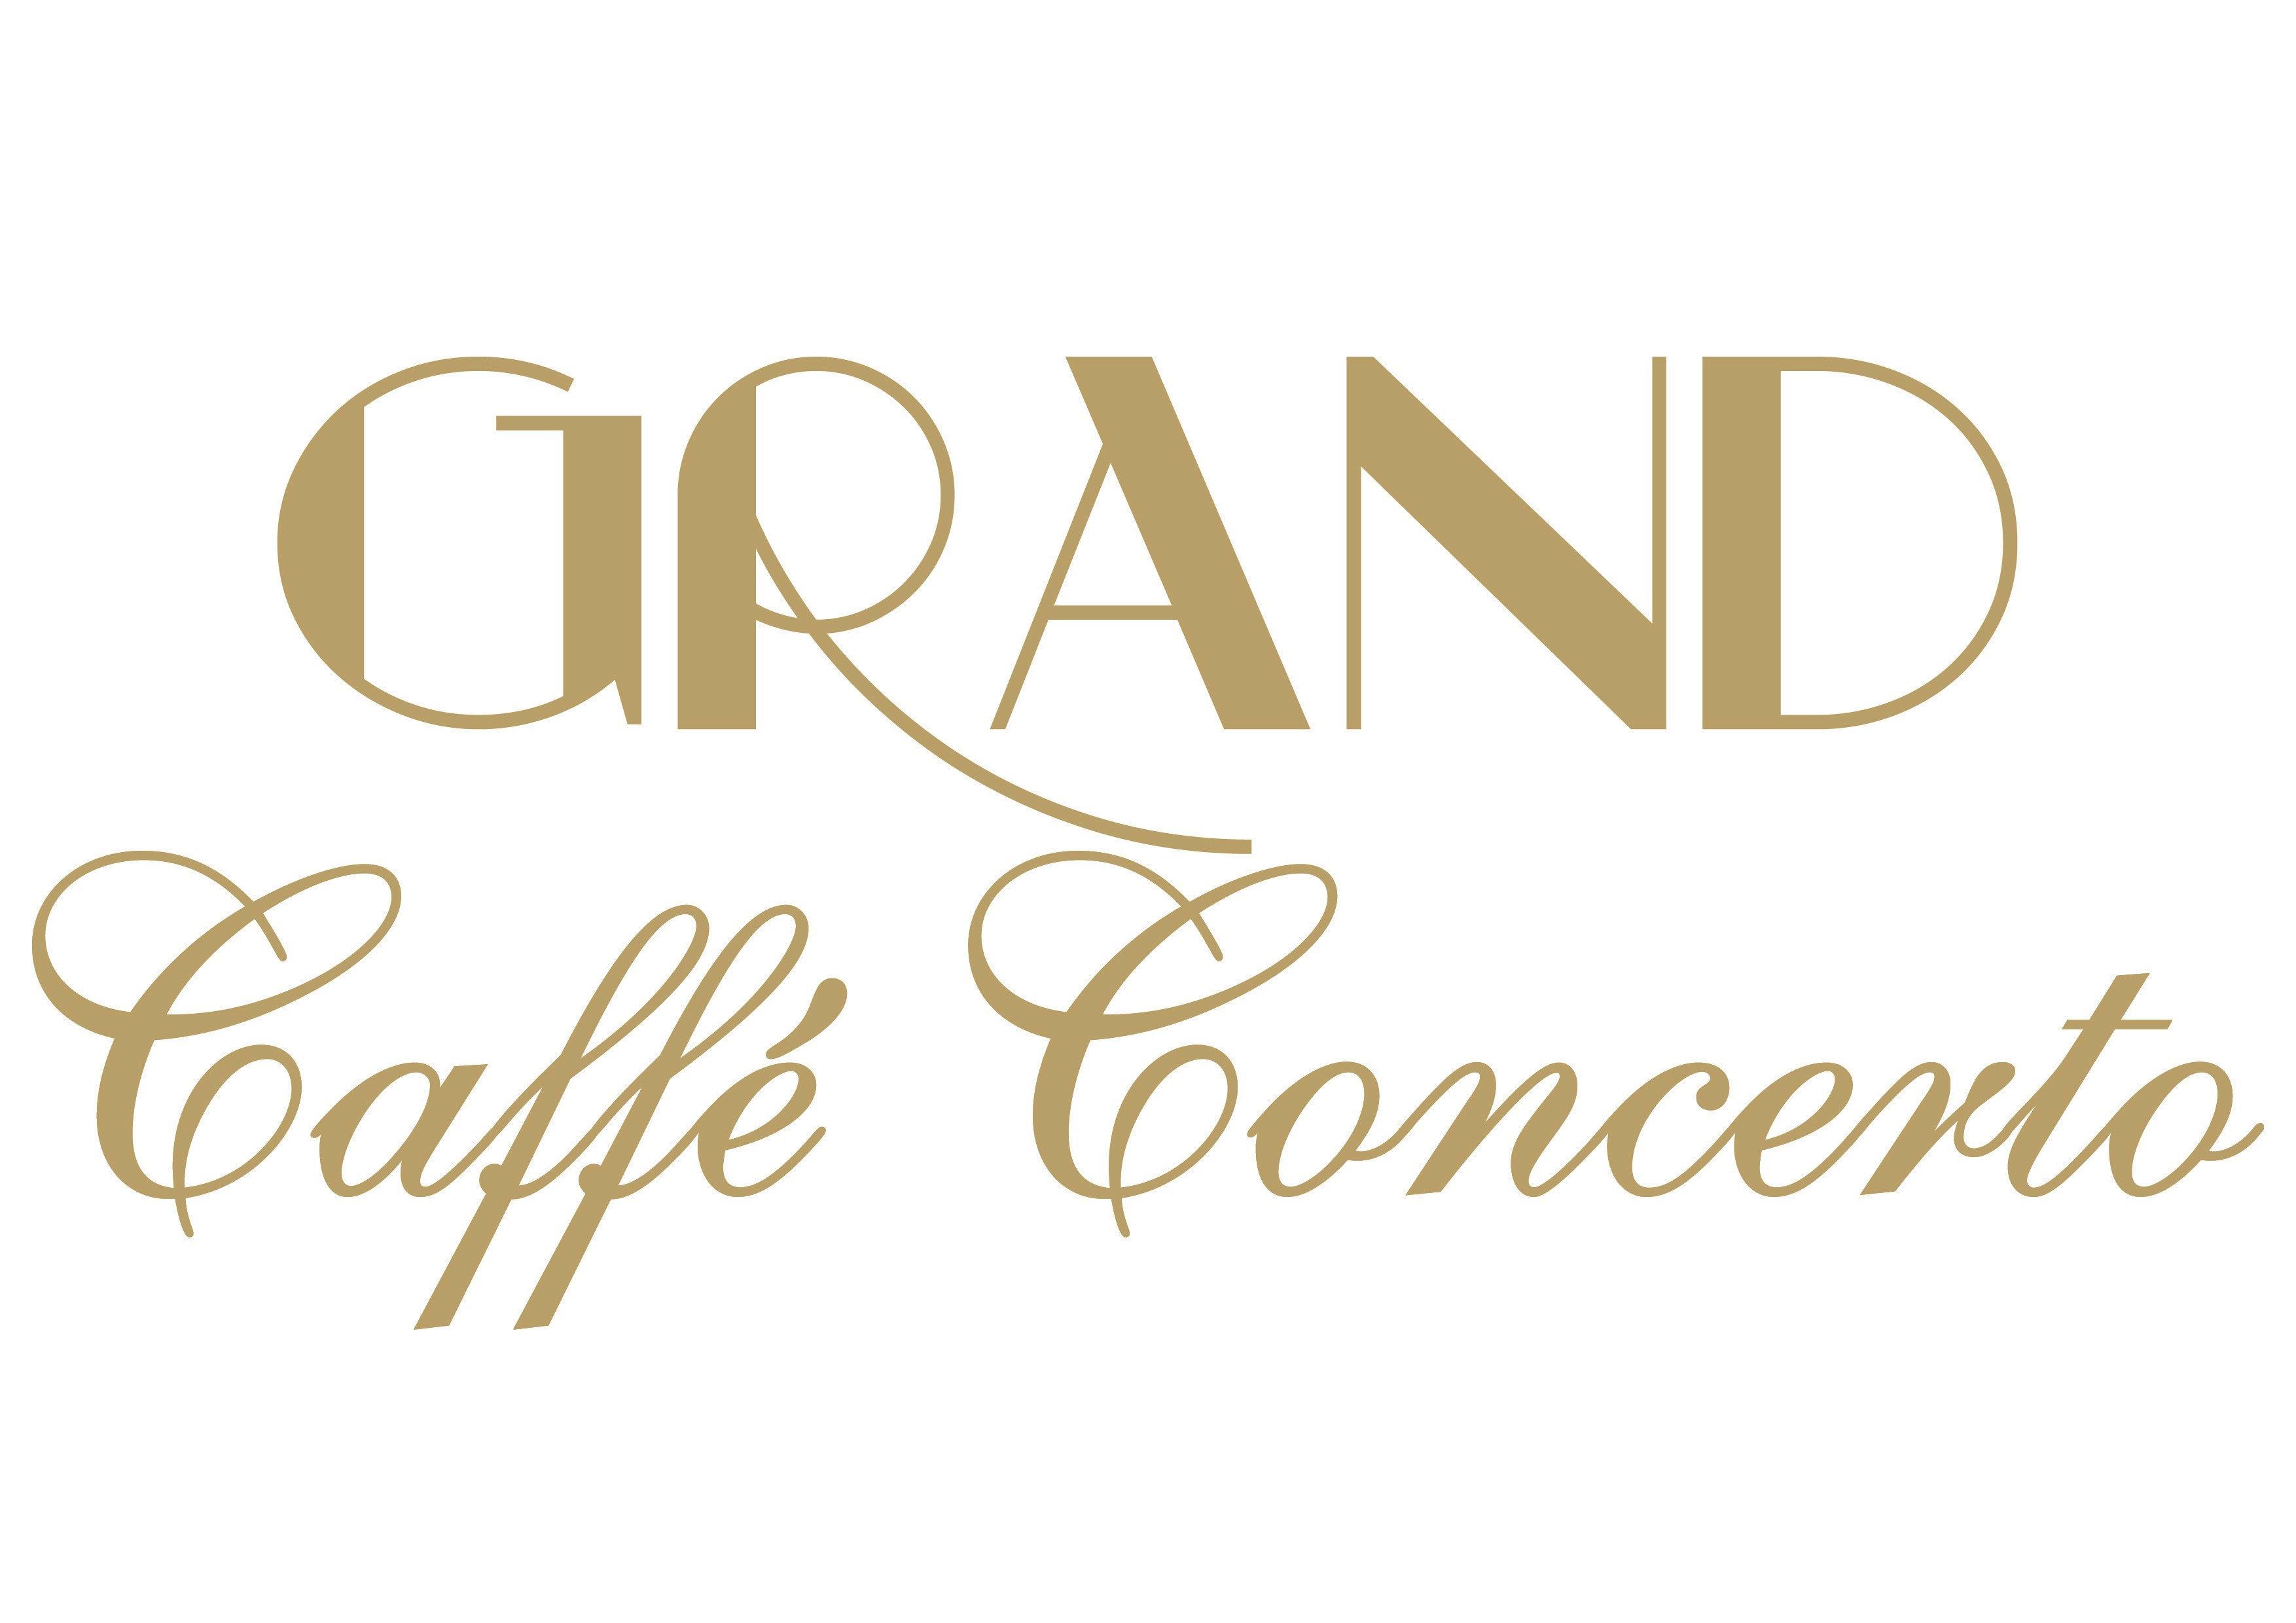 Grand Caffé Concerto